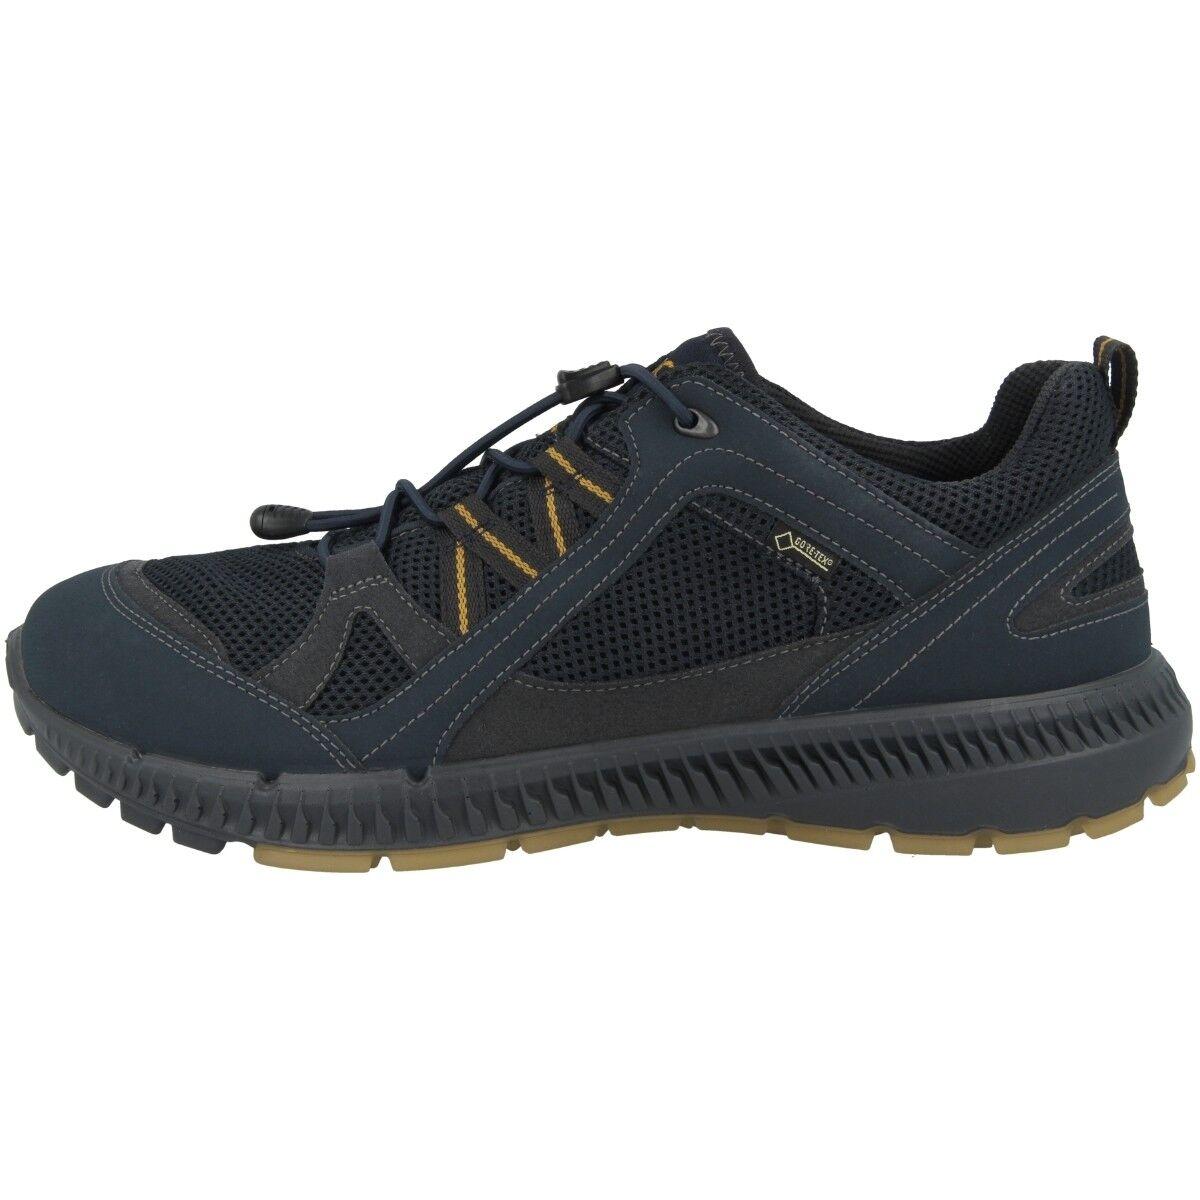 Ecco Terracruise II Pitkin GTX Men Trekking Herren Outdoor Schuhe Schuhe Schuhe 843034-51127 6240a2